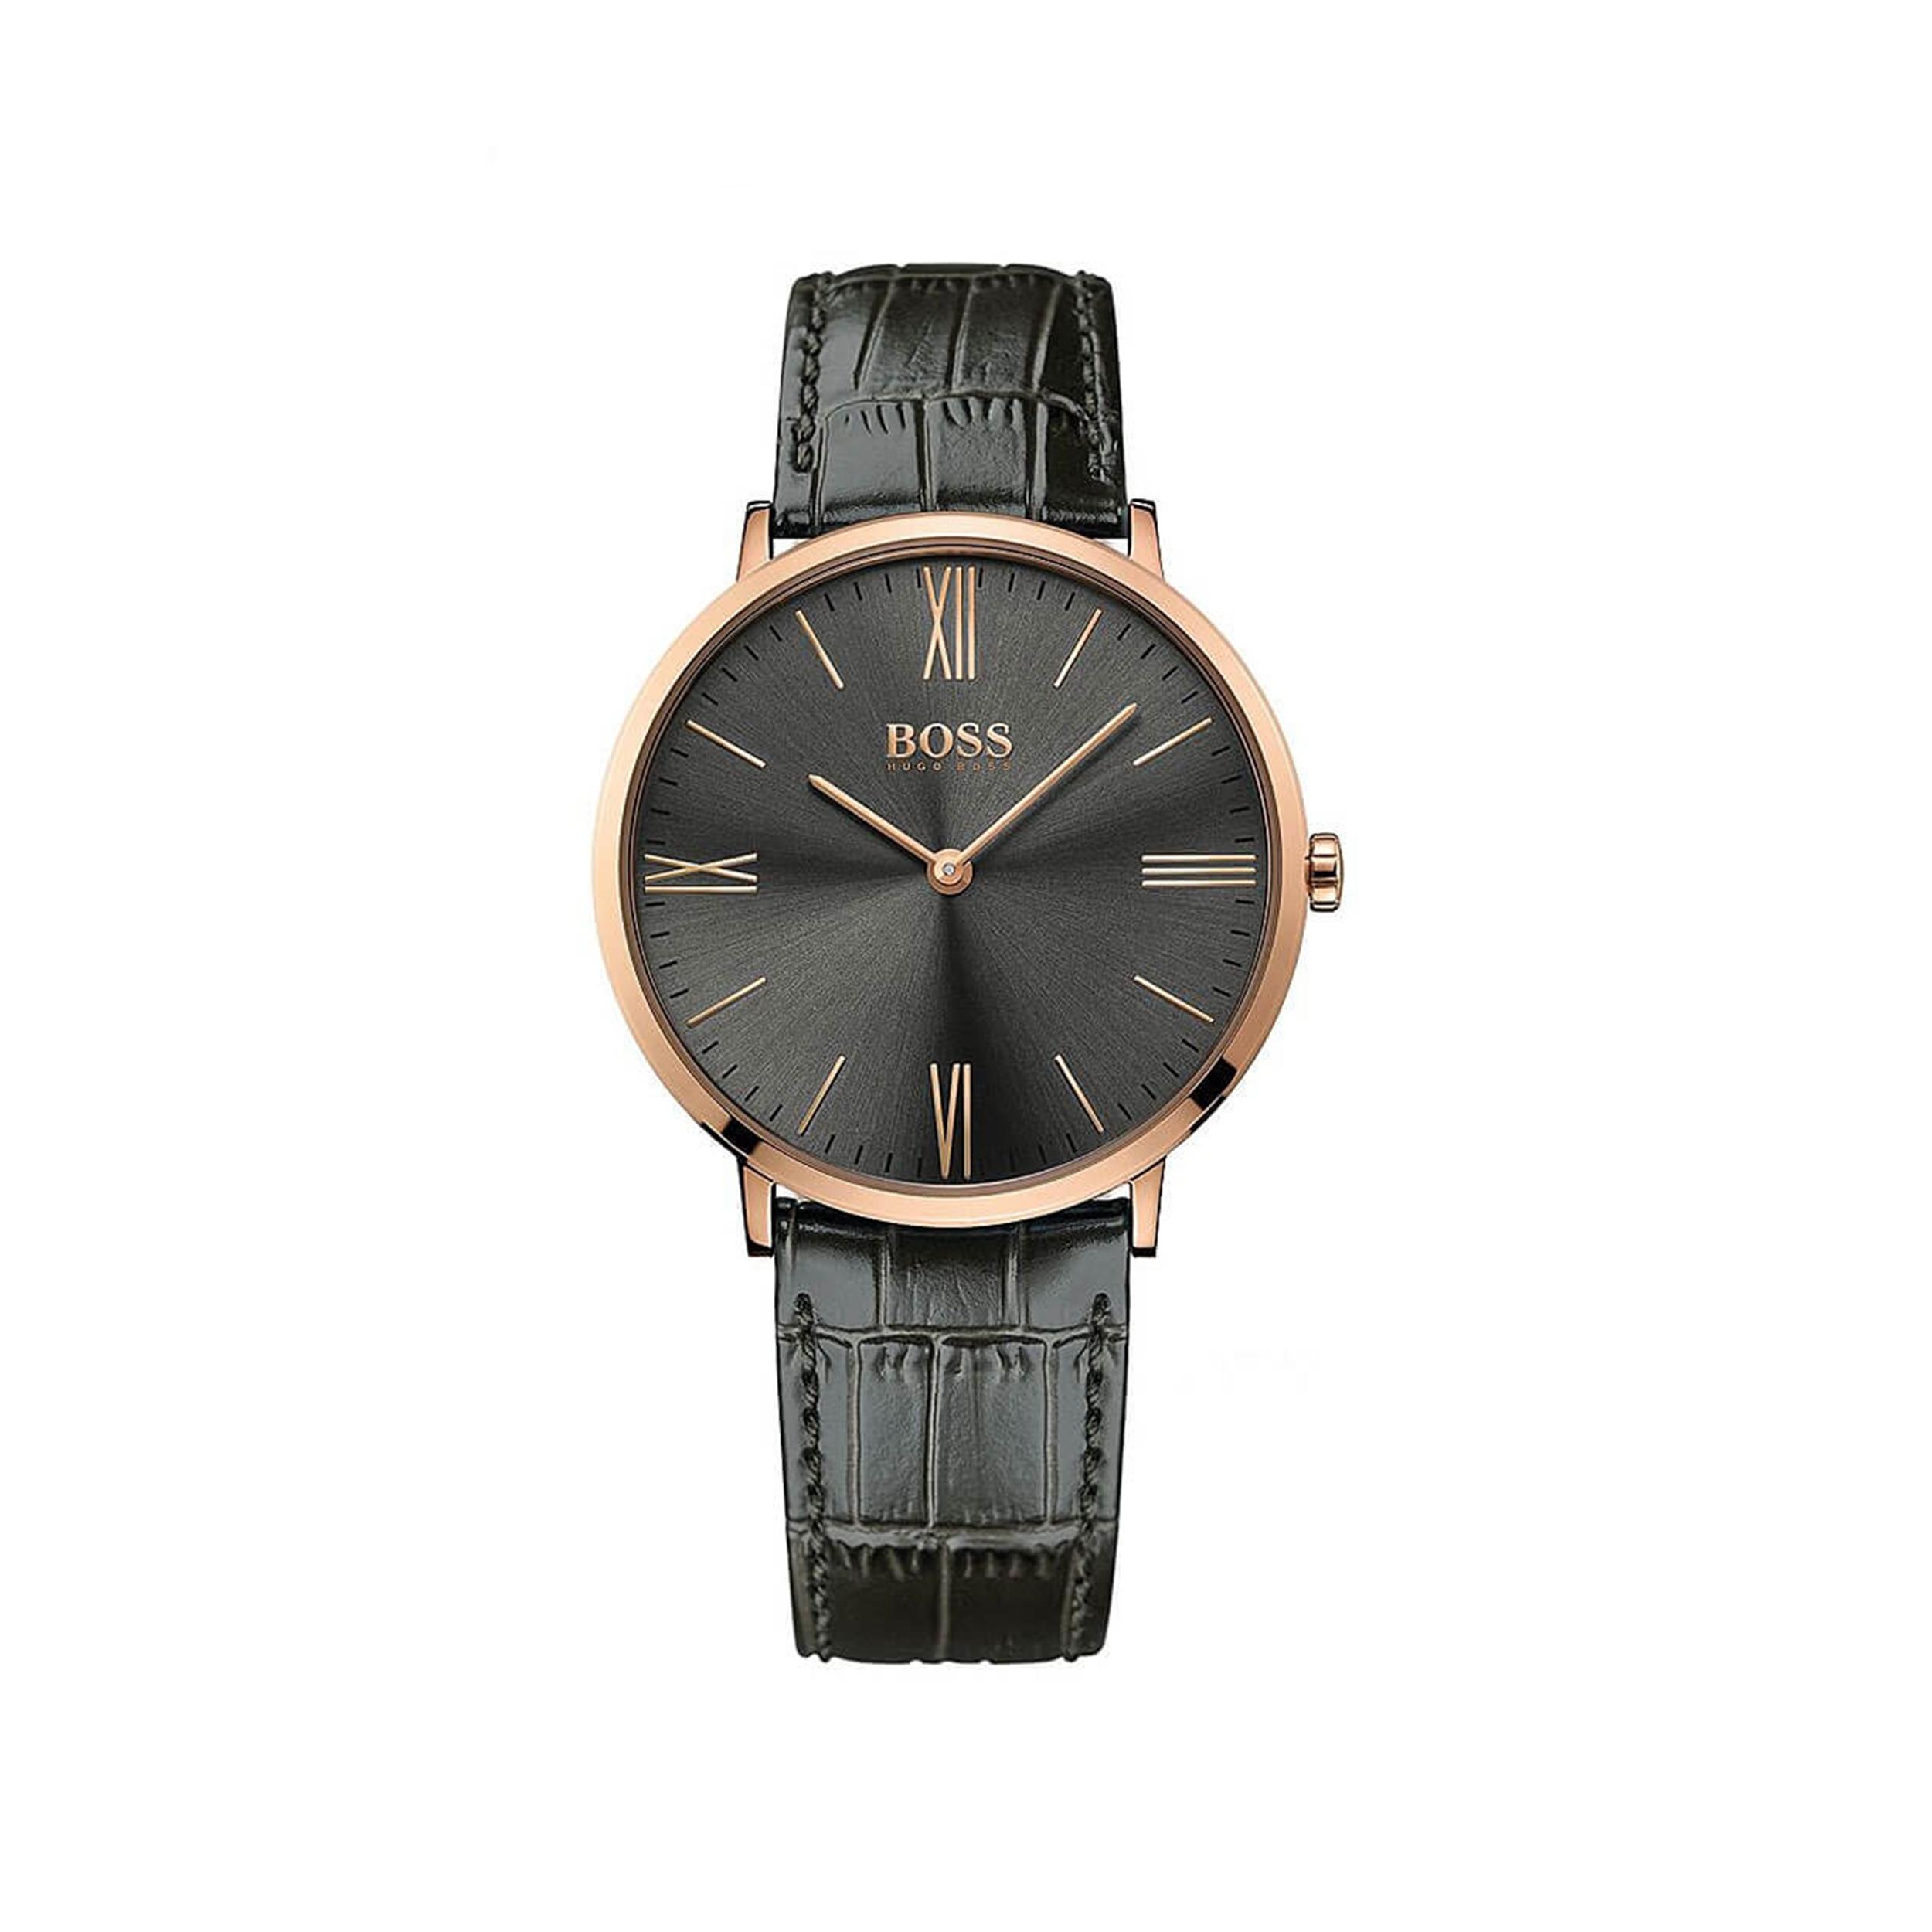 ساعت مچی عقربه ای مردانه هوگو باس مدل ۱۵۱۳۳۷۲